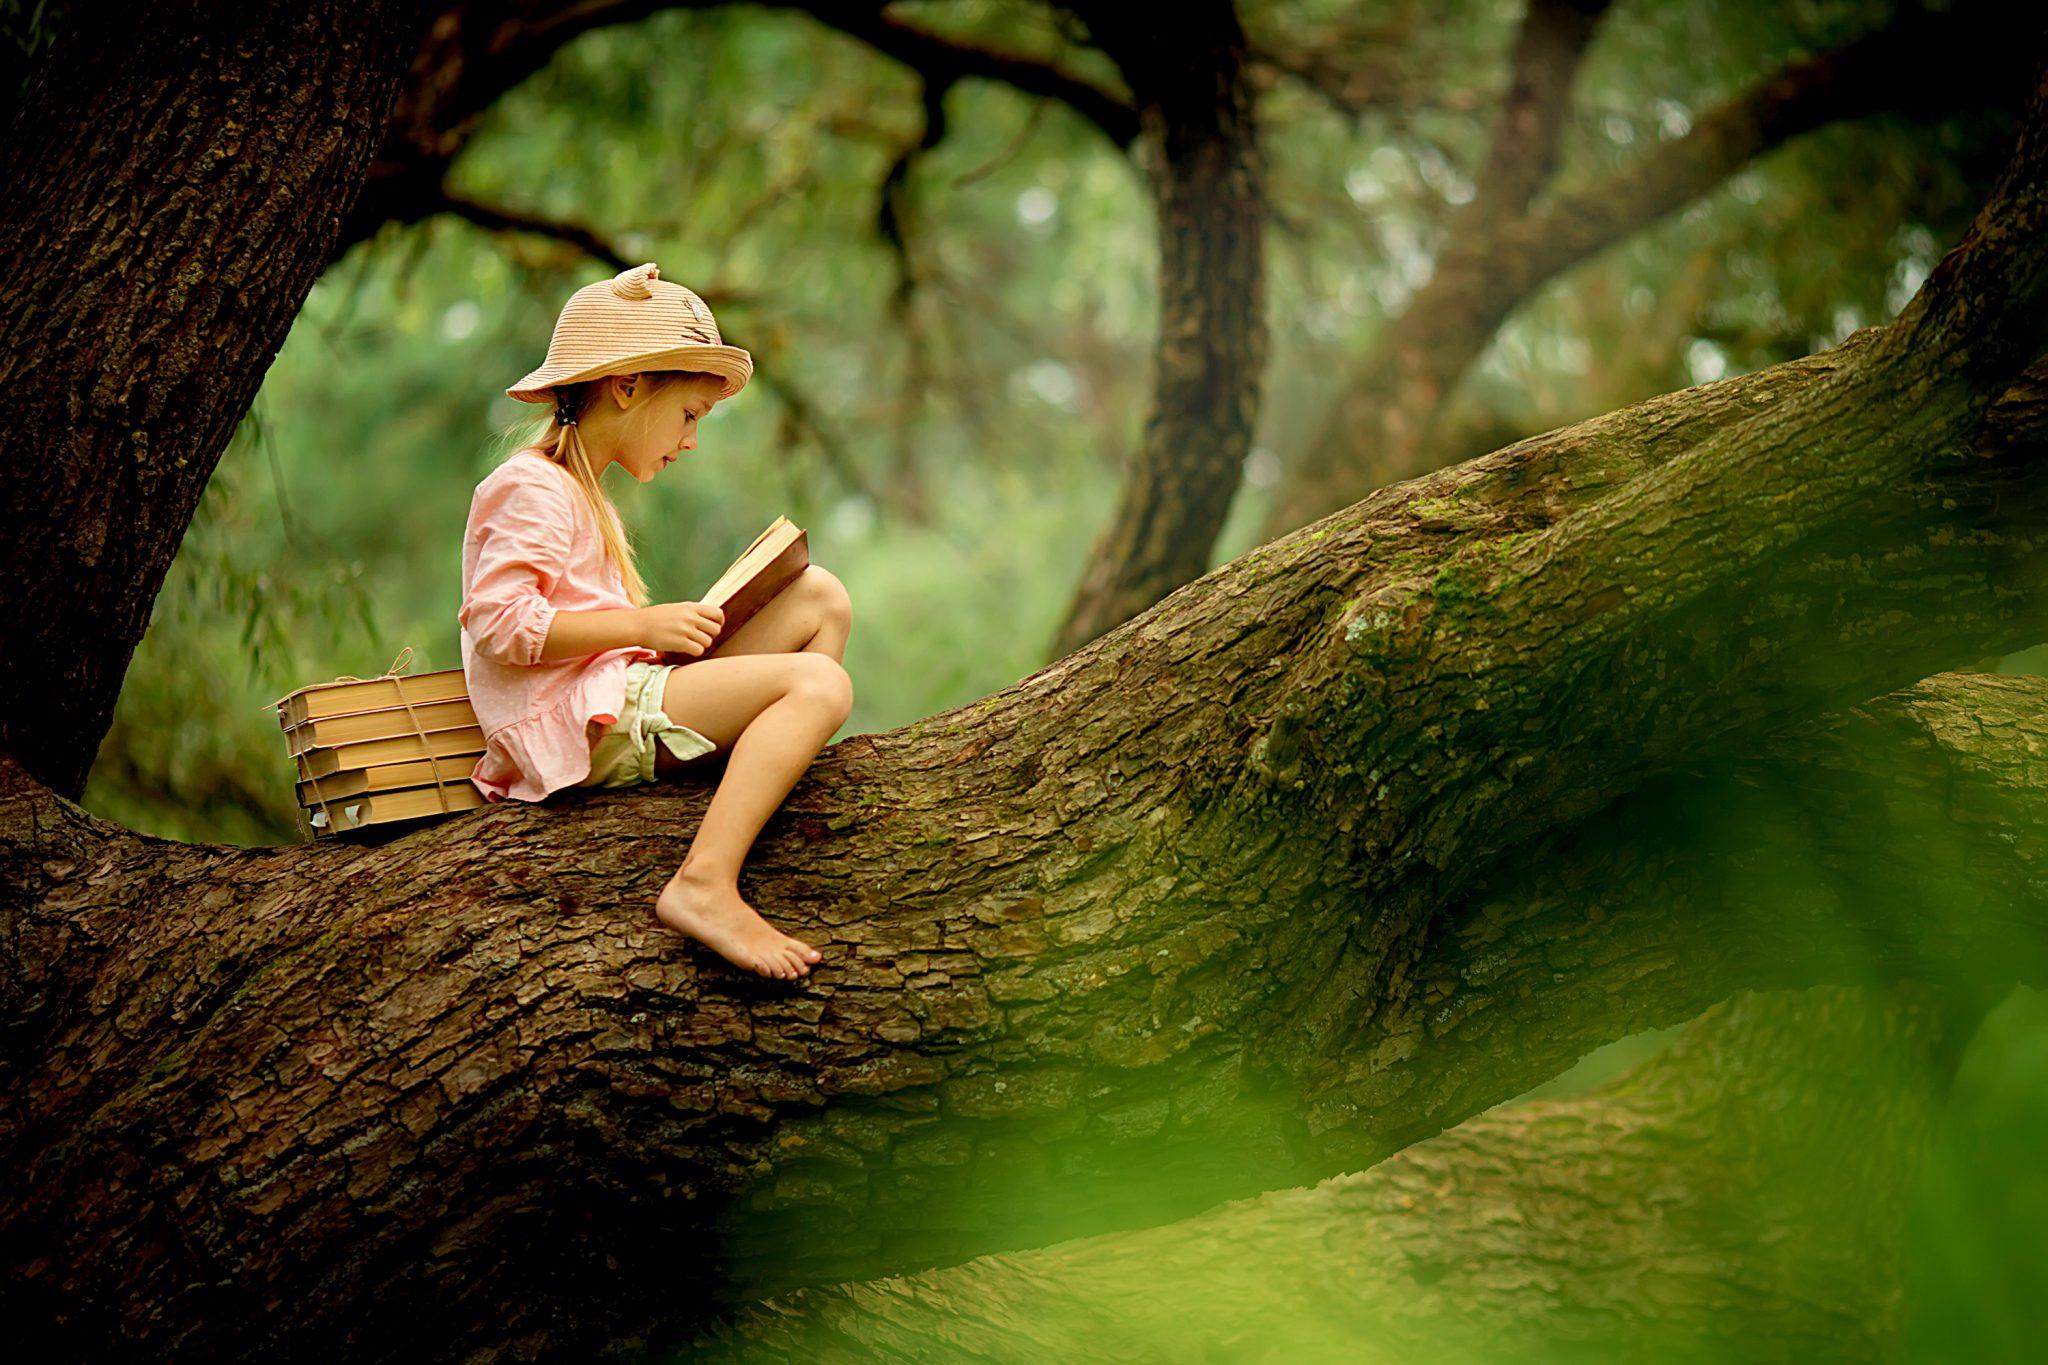 木の上で本を読みながらリラックスしている子ども